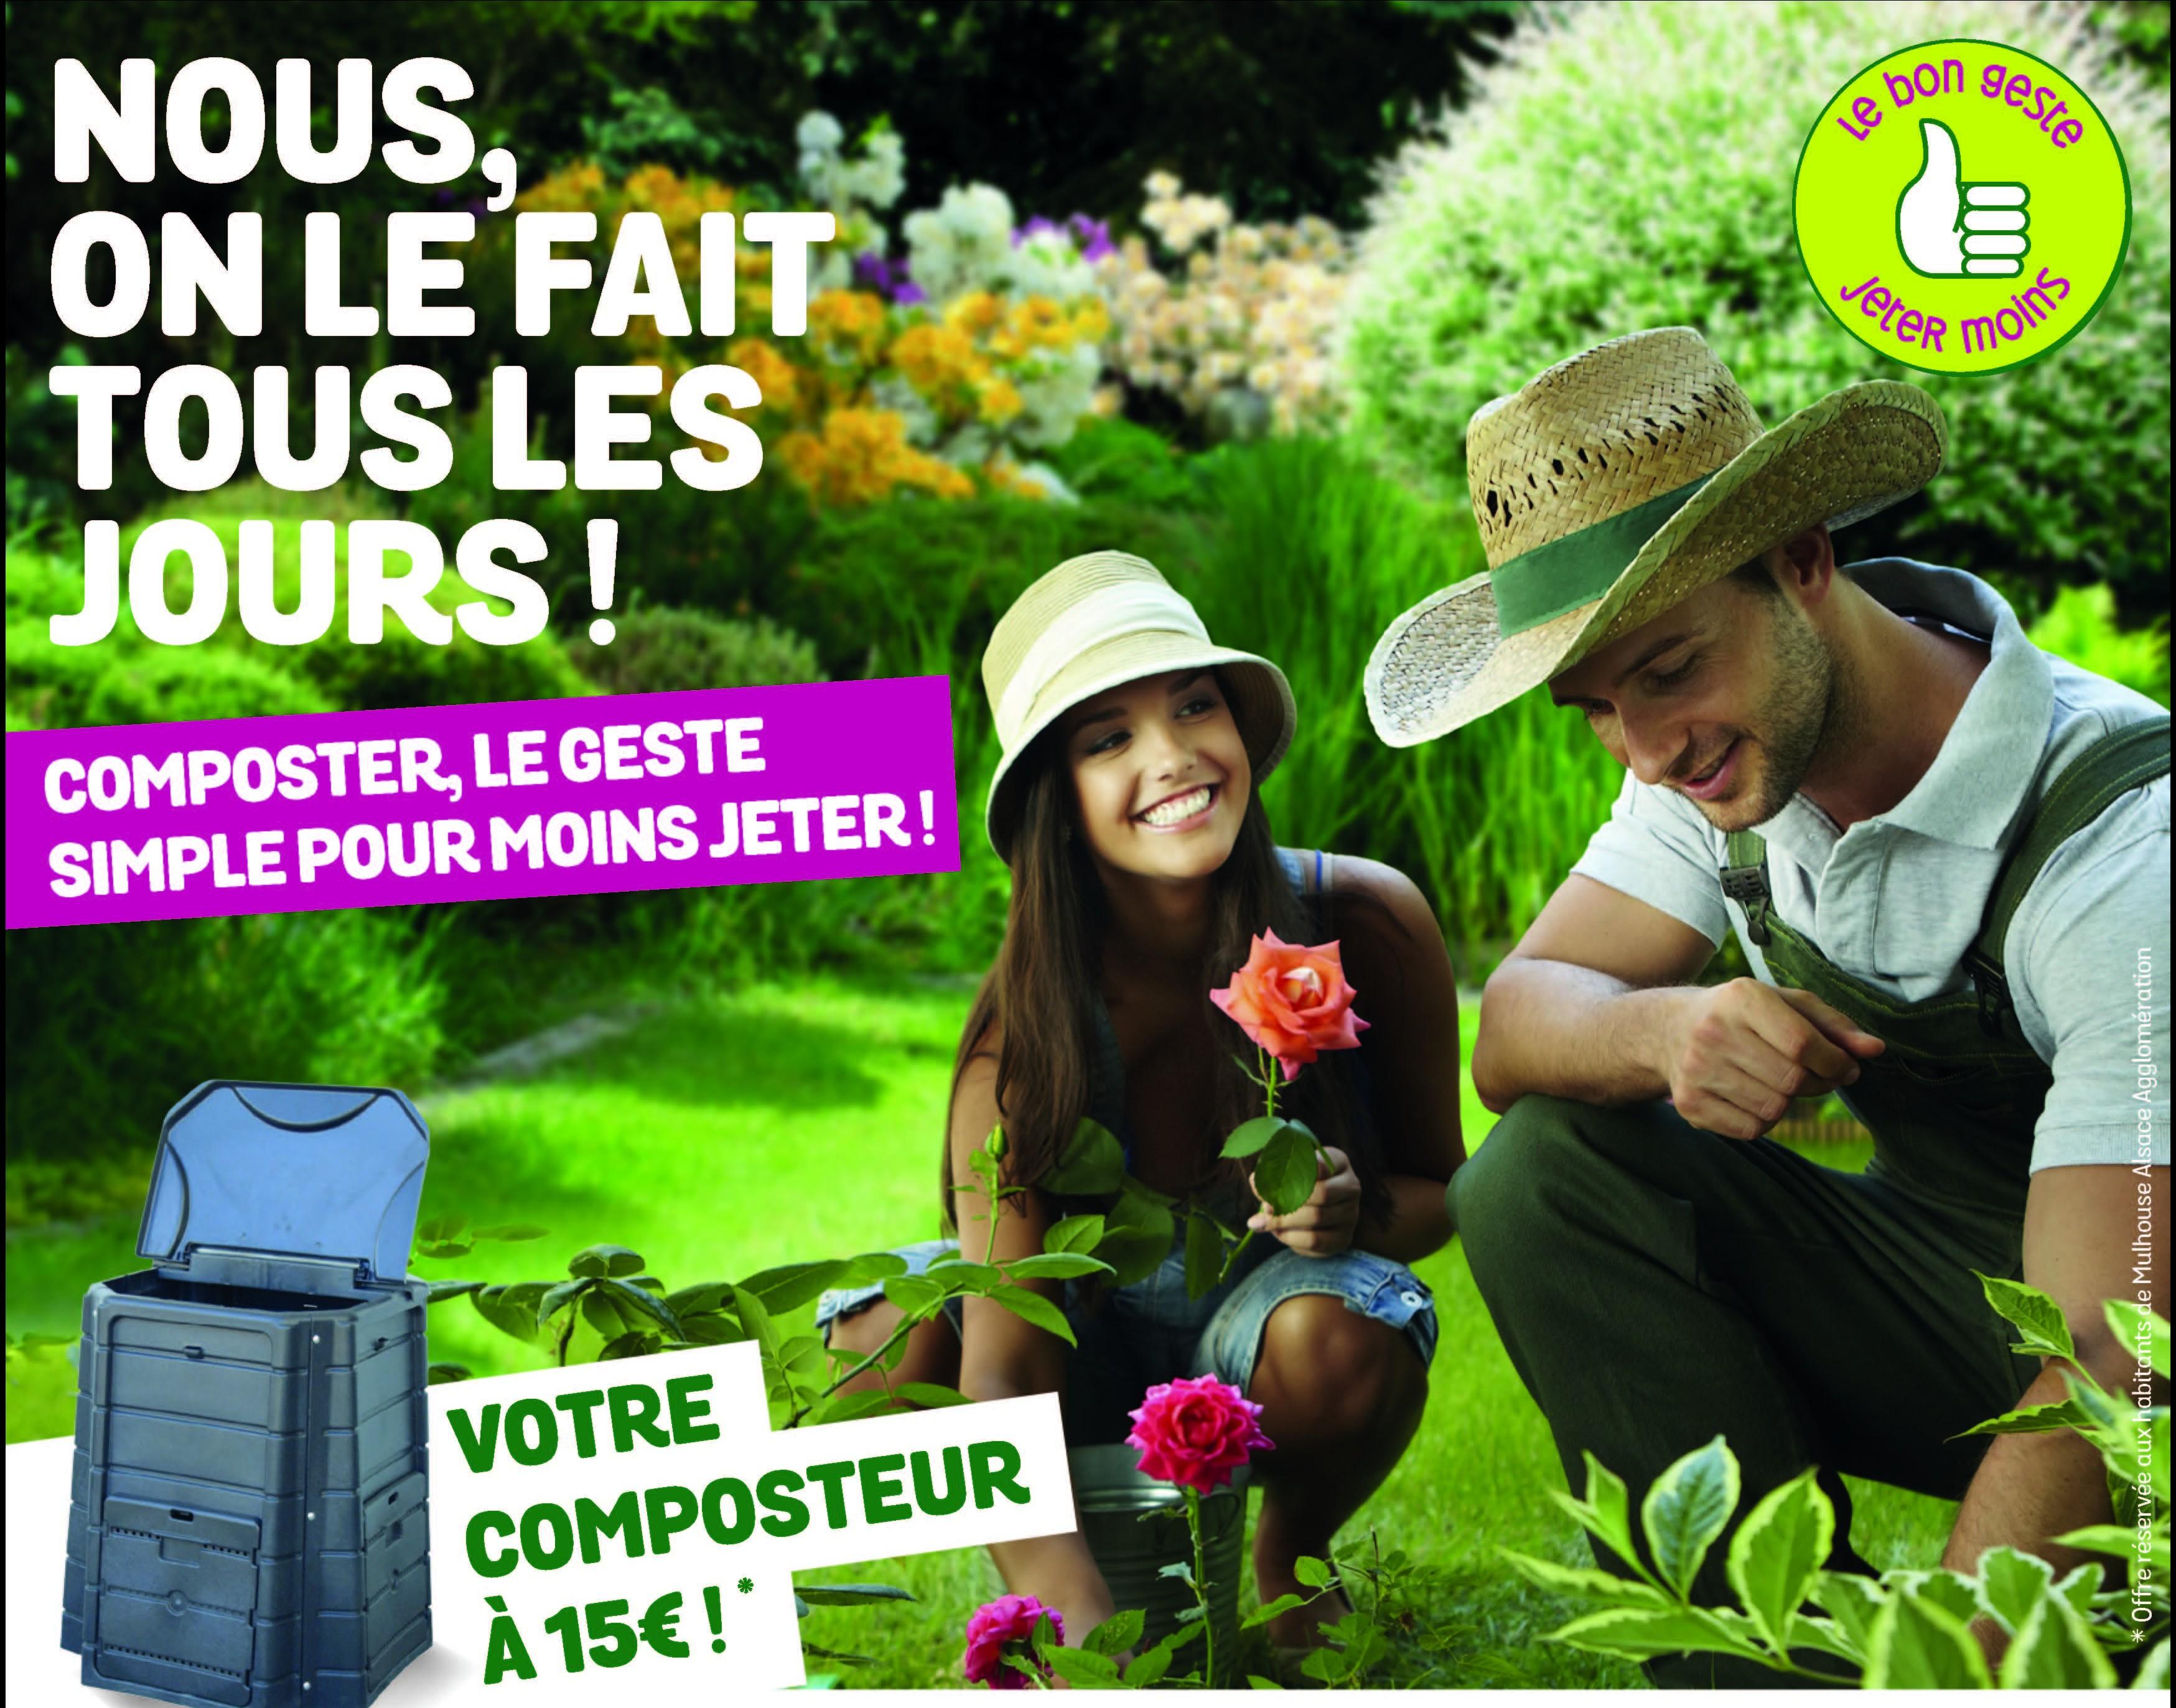 m2A_PLP_Compost_JDS148x135HD-e1463654364655.jpg